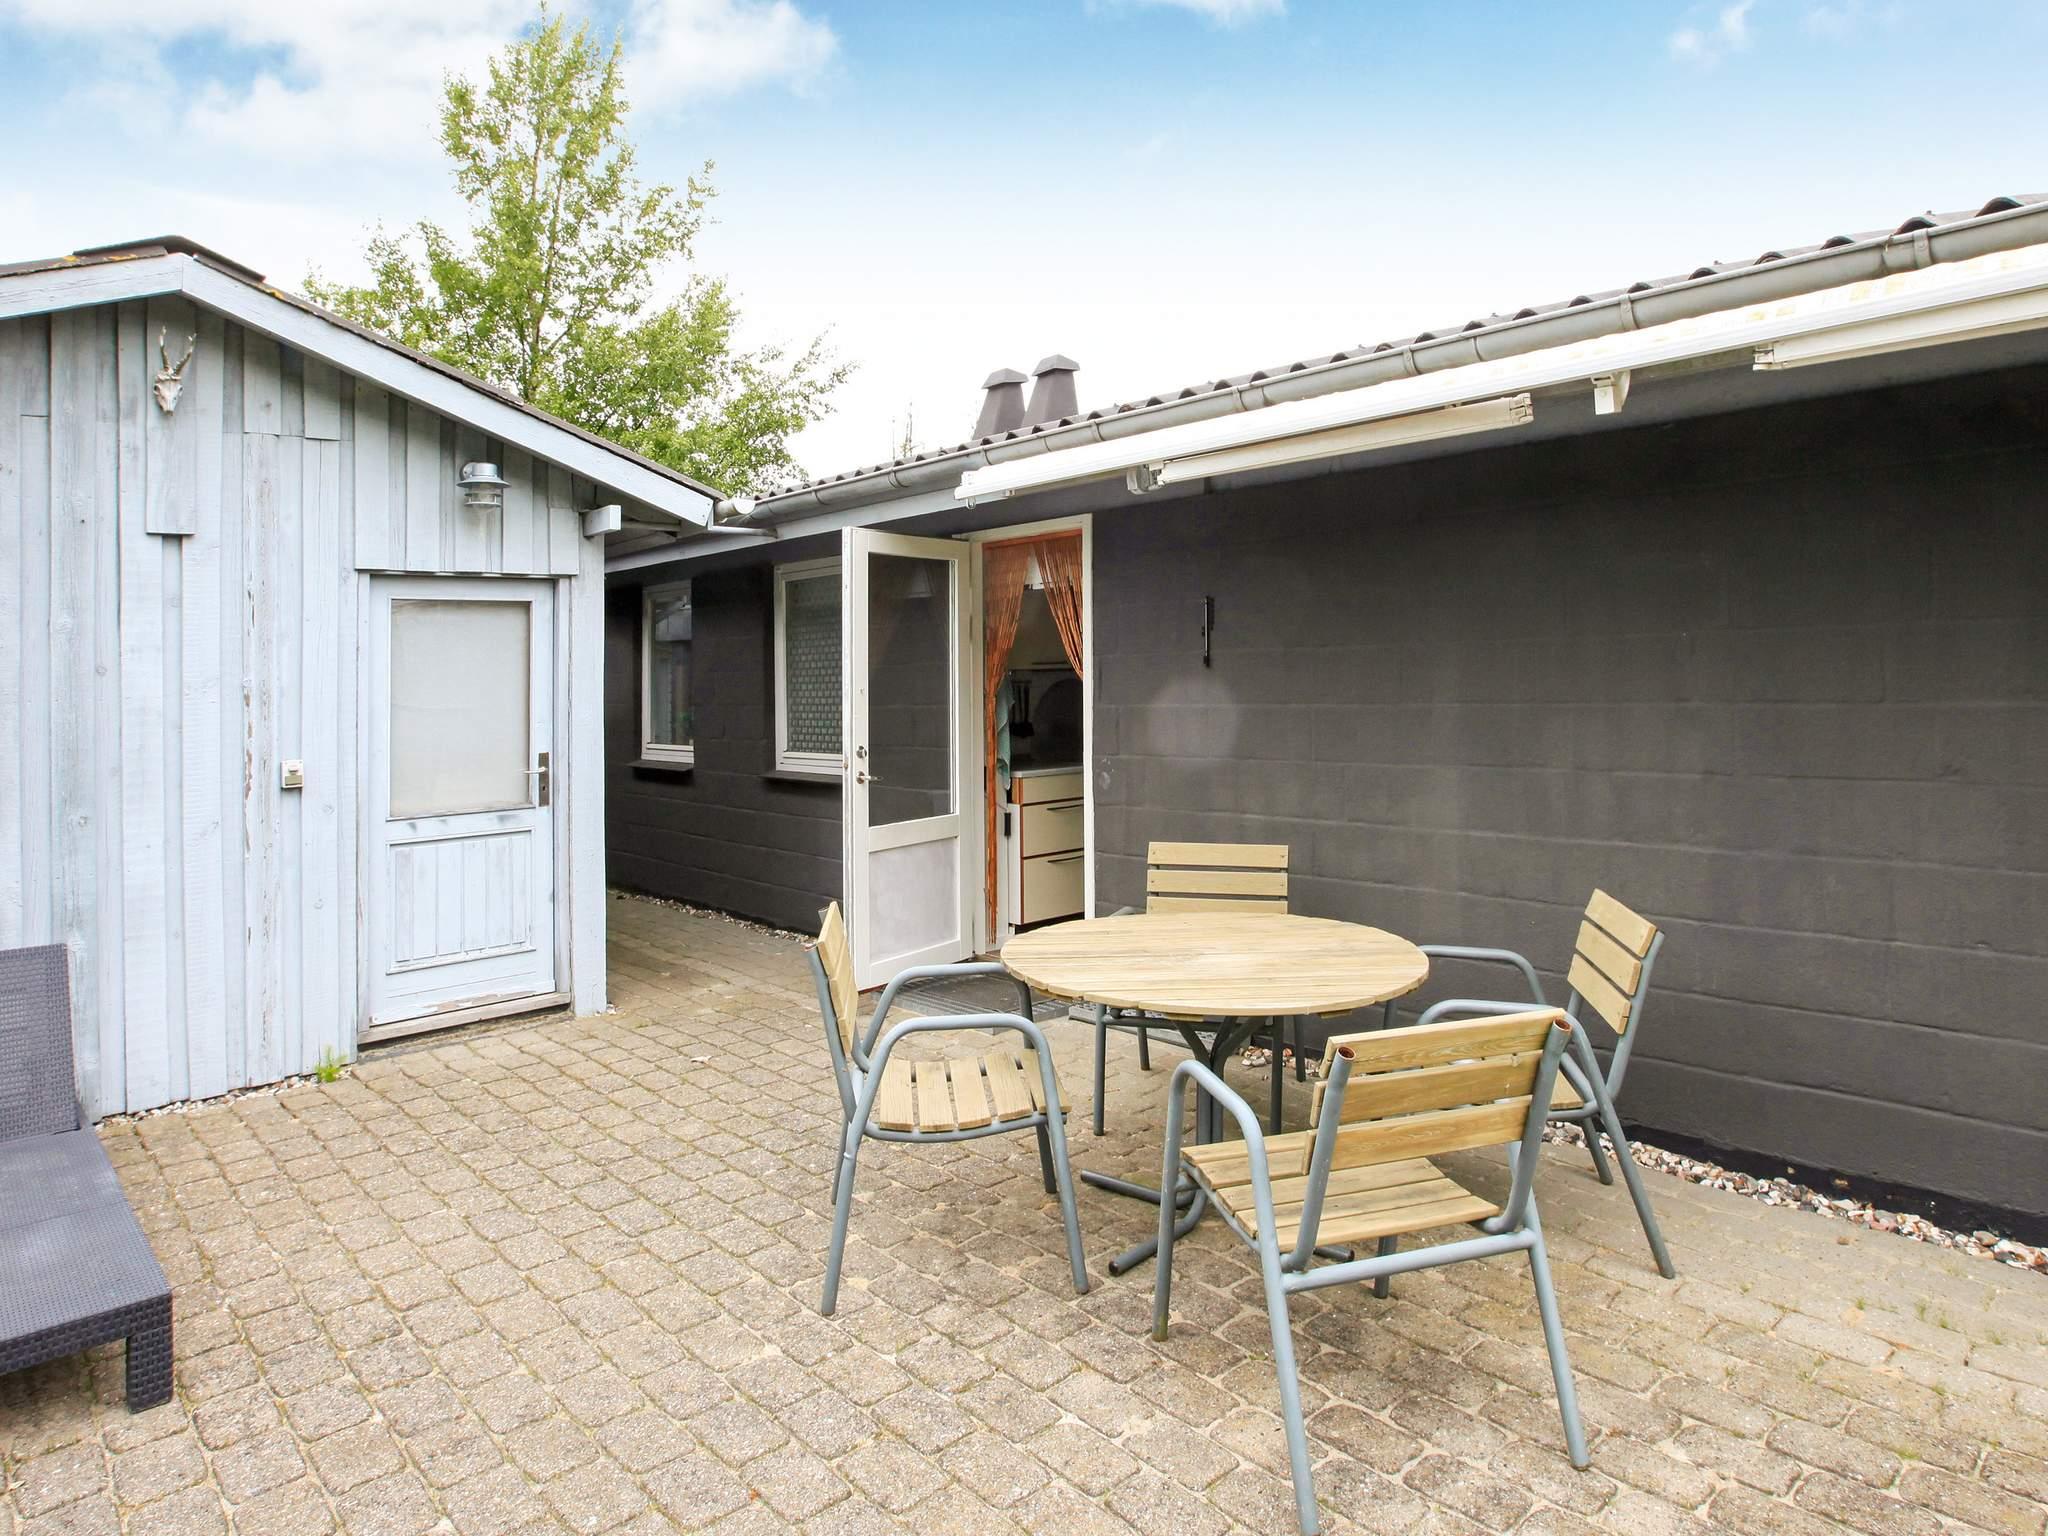 Ferienhaus Hals/Koldkær (359577), Hals, , Nordostjütland, Dänemark, Bild 15